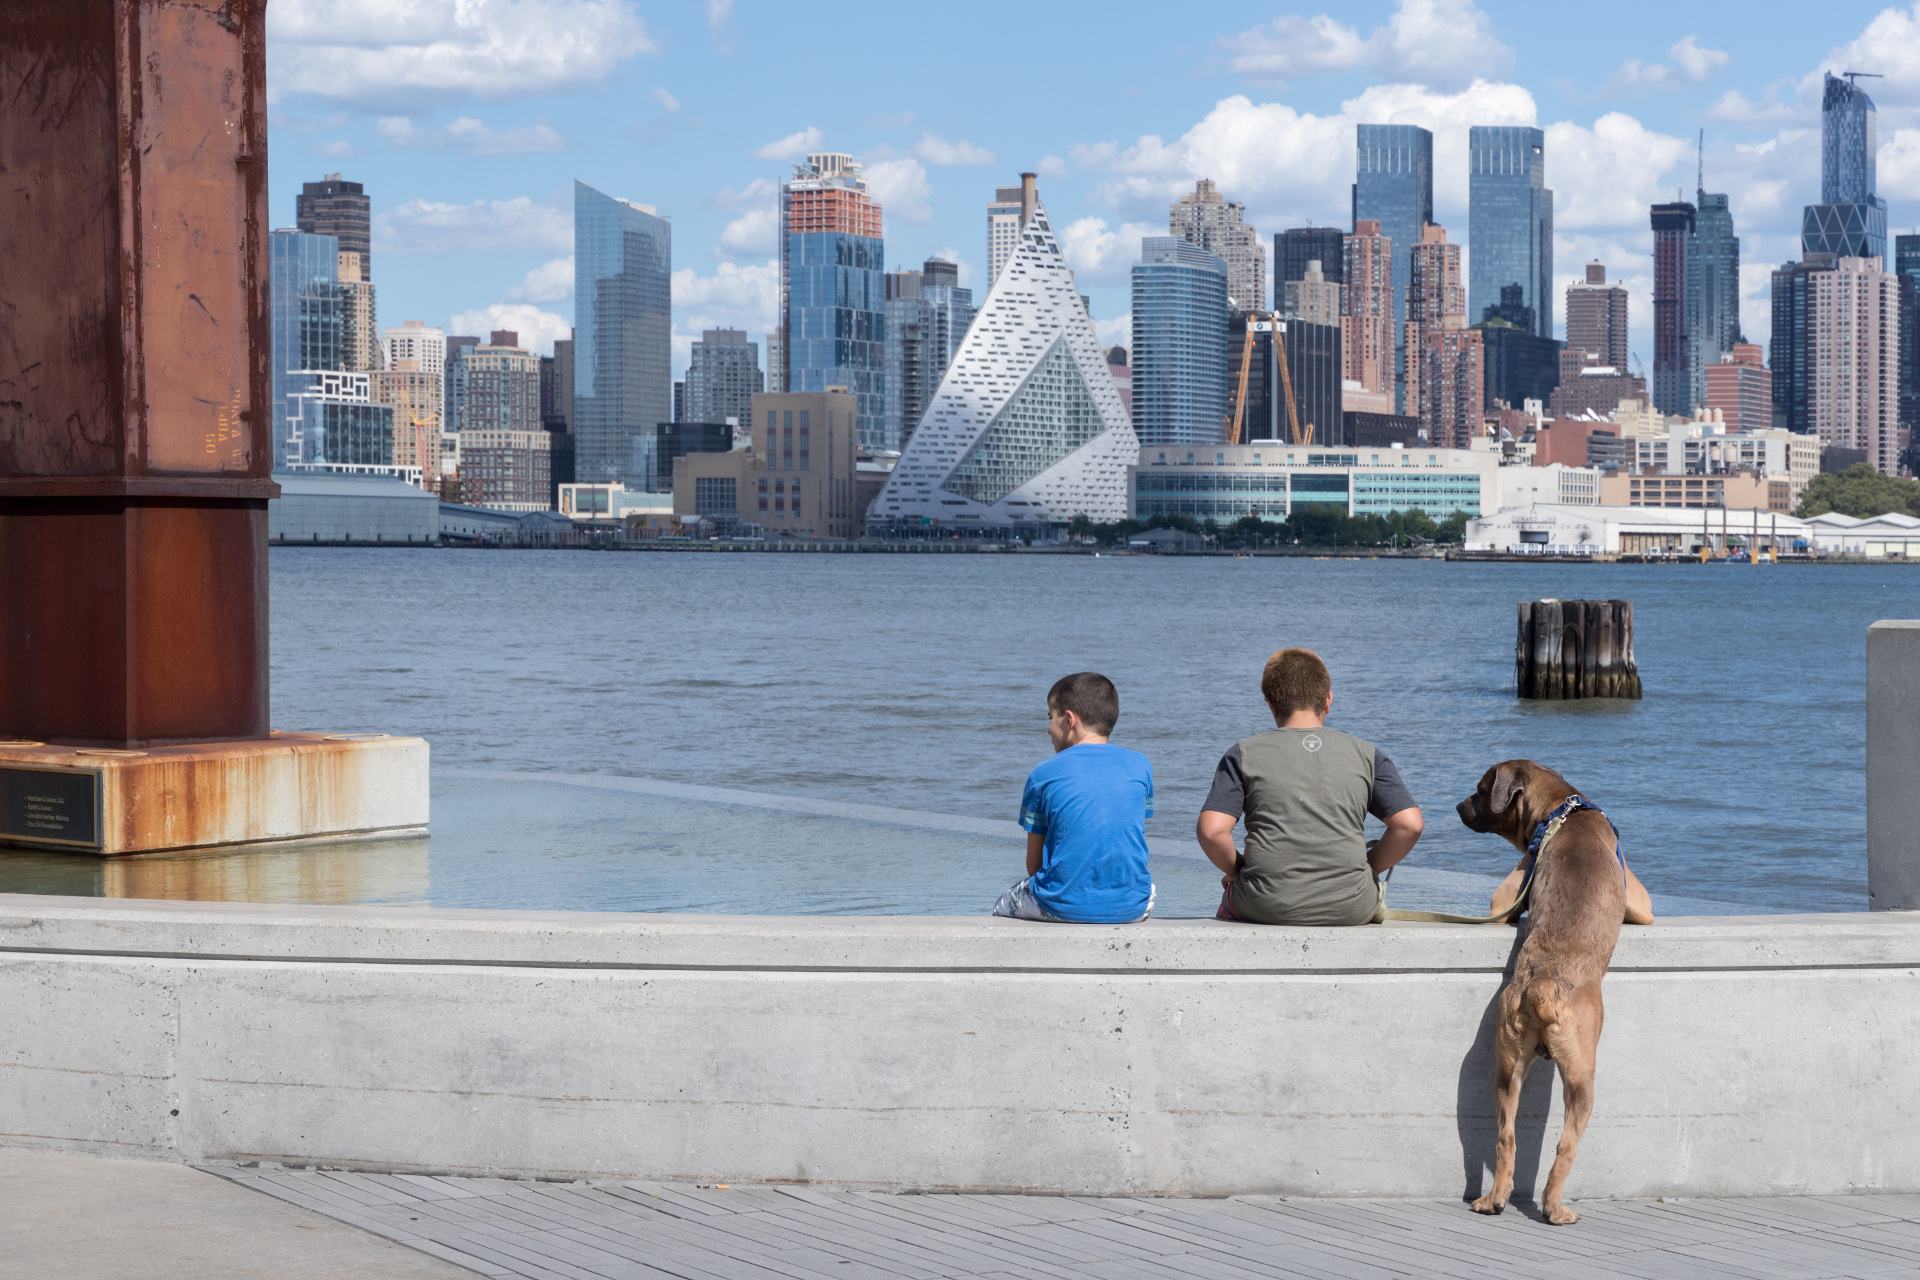 Courtscrapere W57 por BIG Bjarke Ingels Group en Manhattan